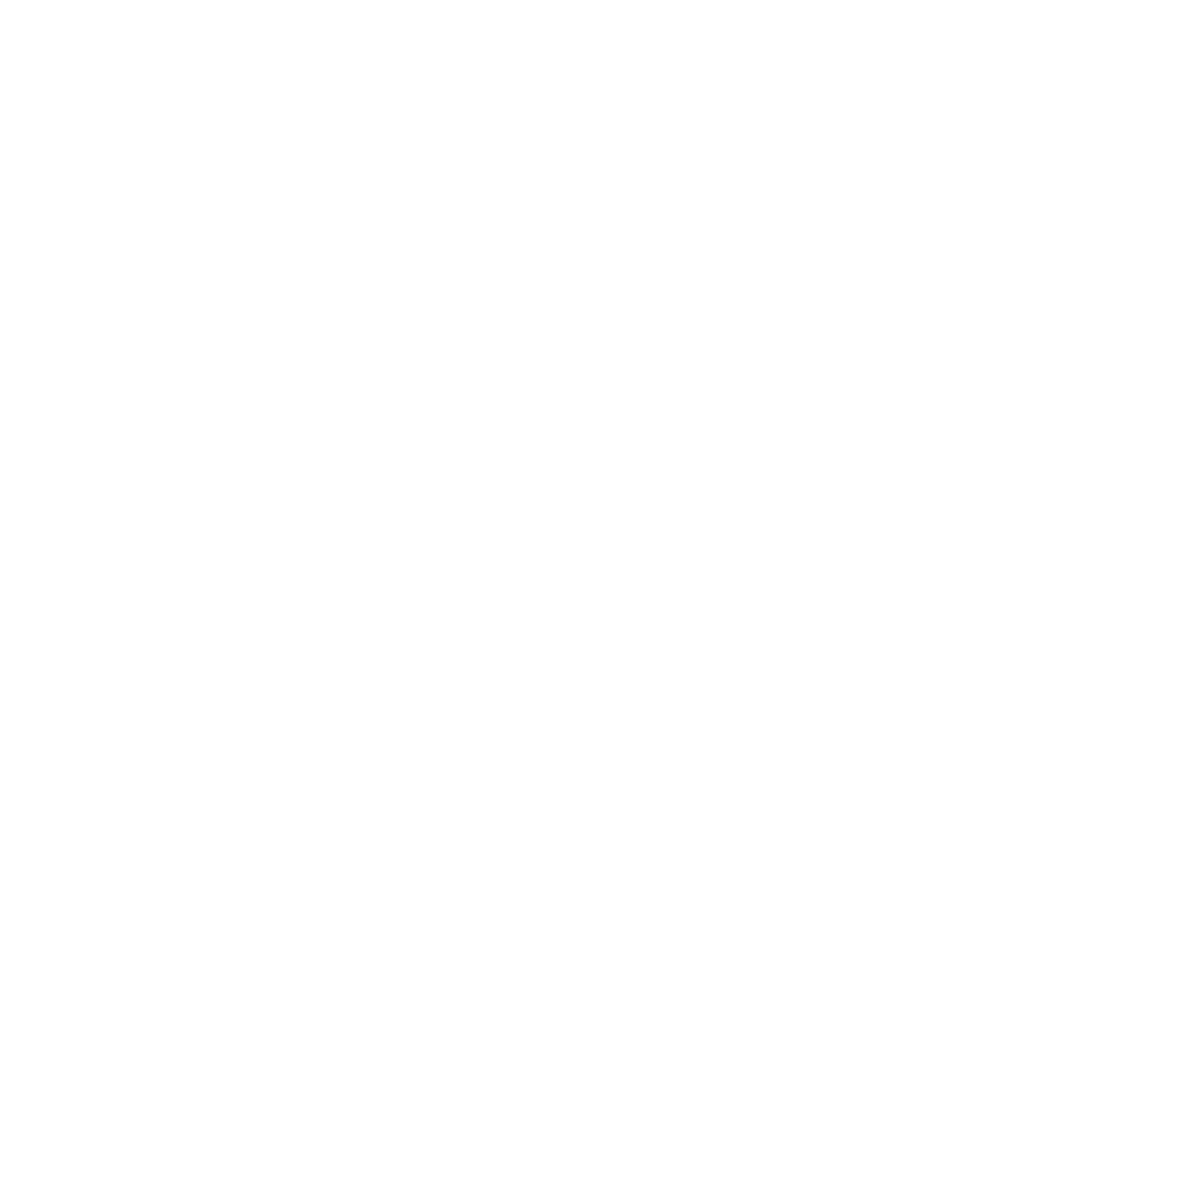 34444 saltWATER LOGO_SaltWATER Stacked White LOGO.png